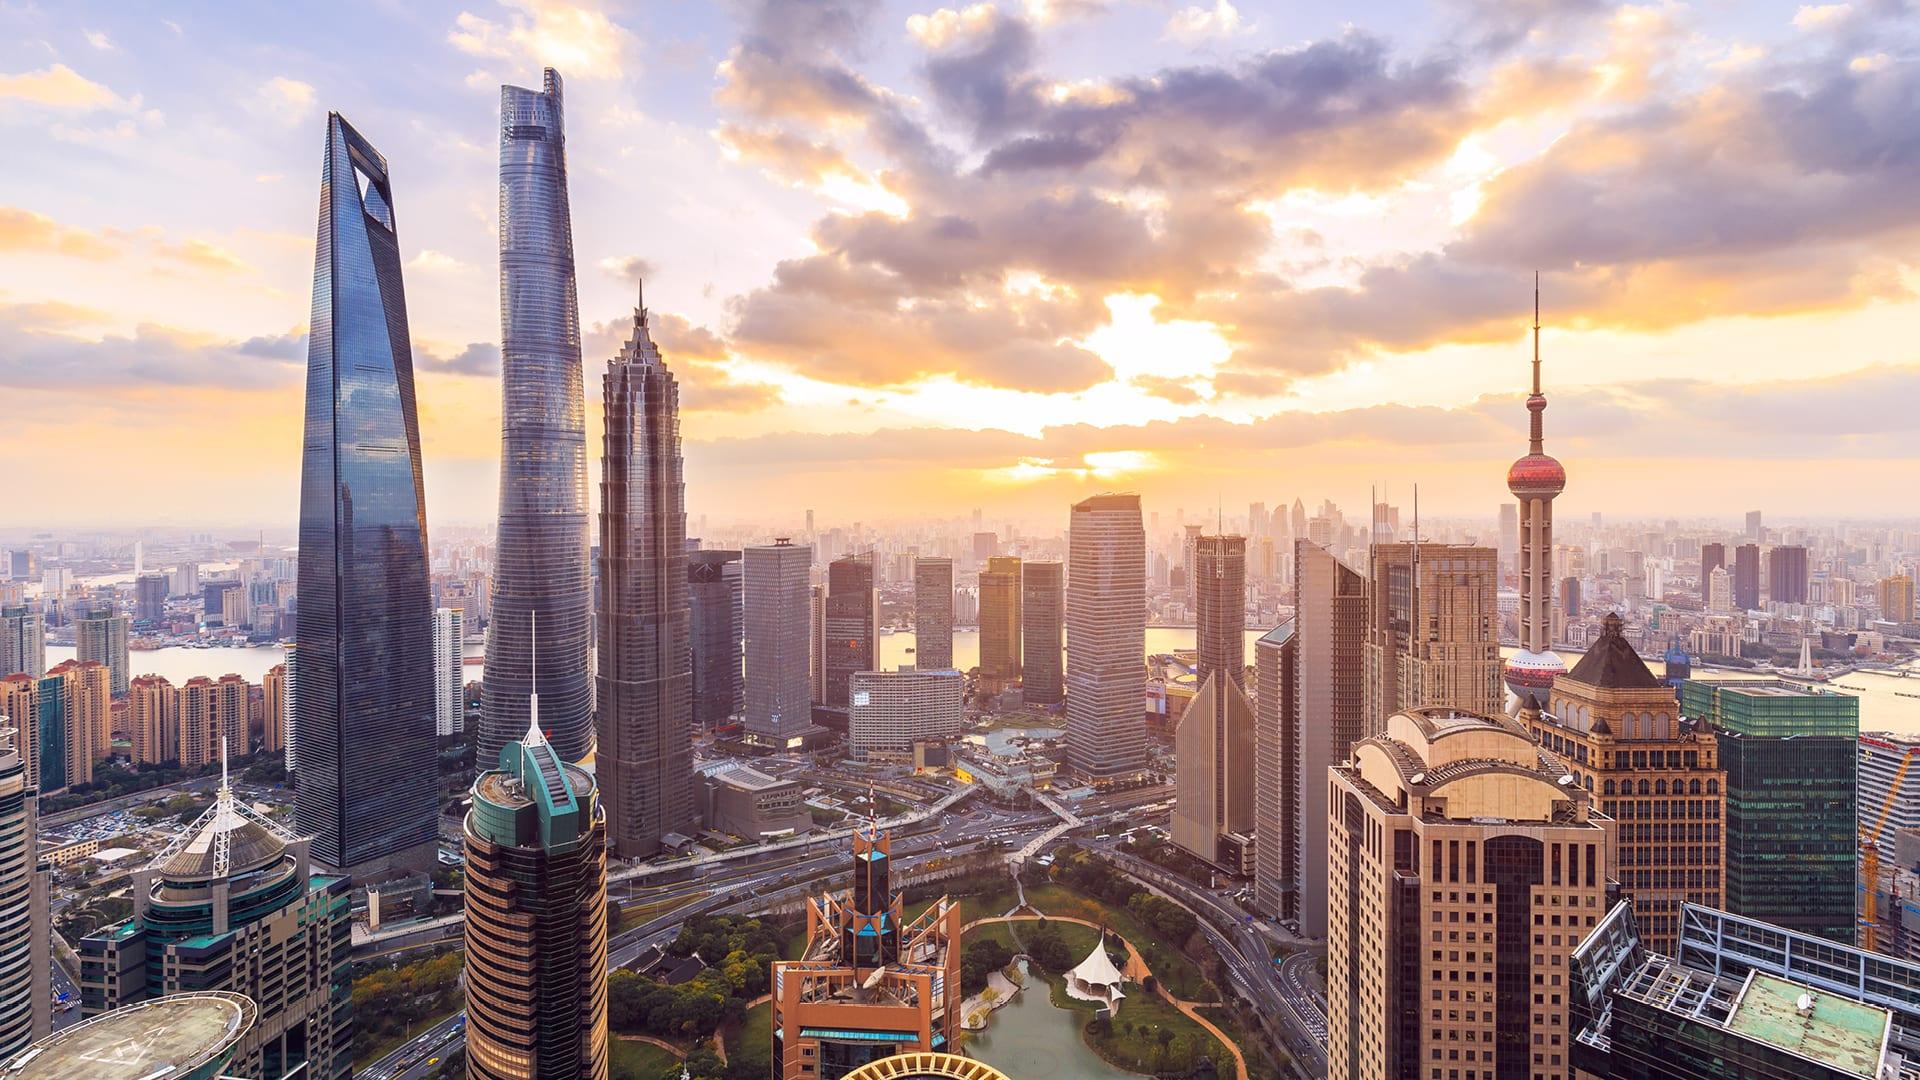 مدينة شنغهاي في الصين